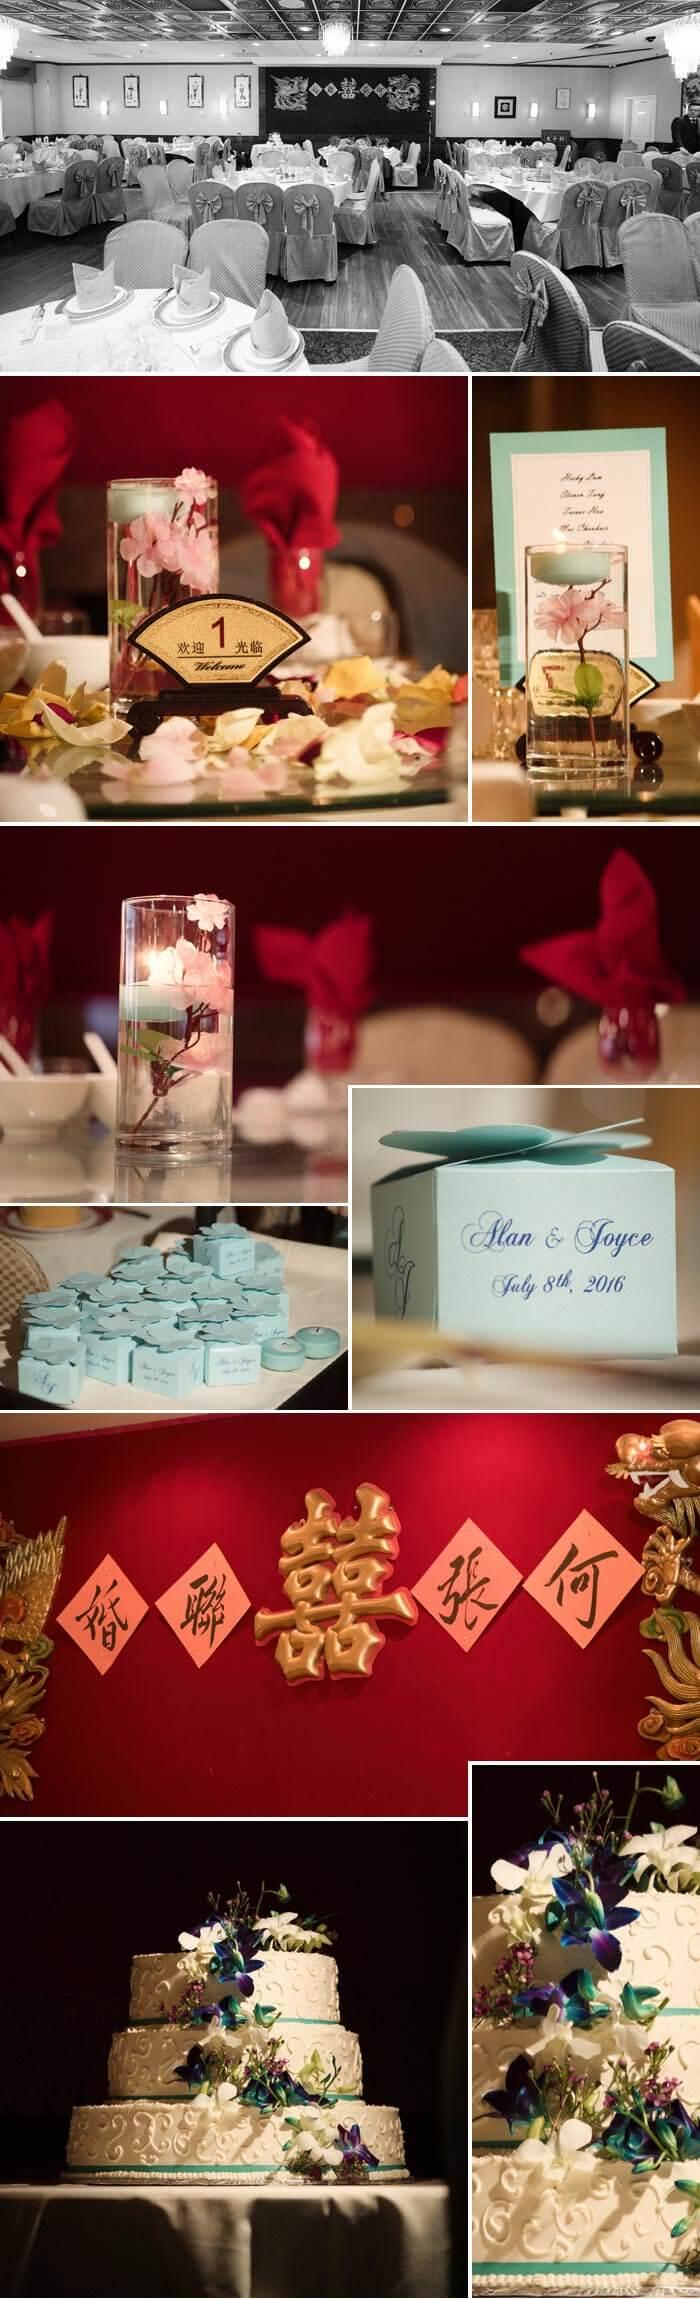 Chinesische Hochzeit Deko